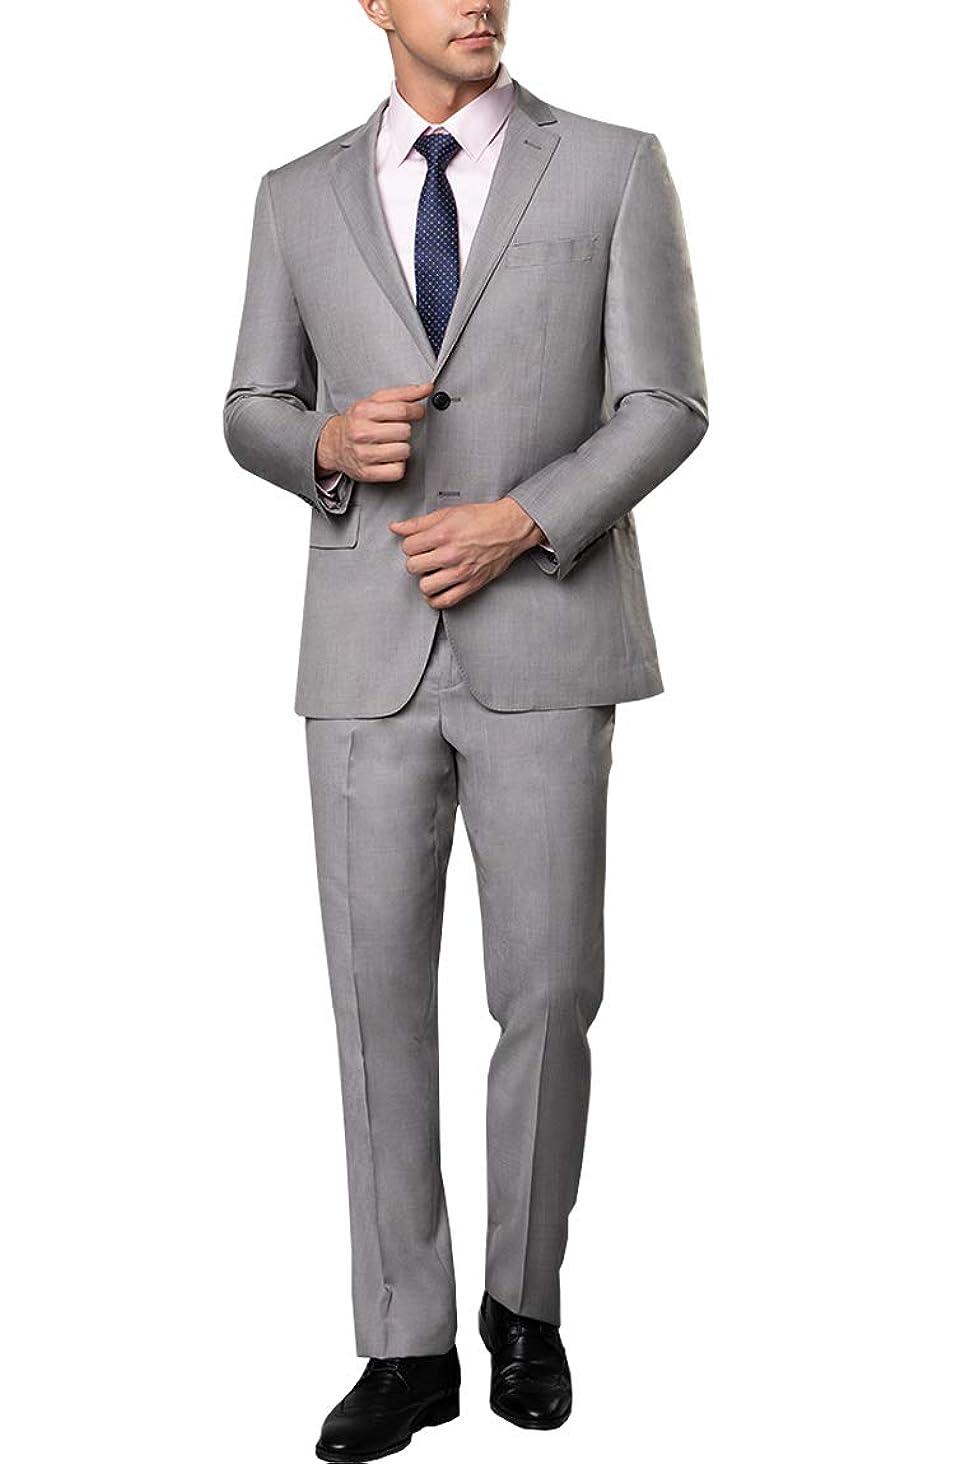 こする甥人物メンズスーツ 上下セット ビジネススーツ 2ツボタン 大きいサイズ 結婚式 礼服 就職スーツ オールシーズン